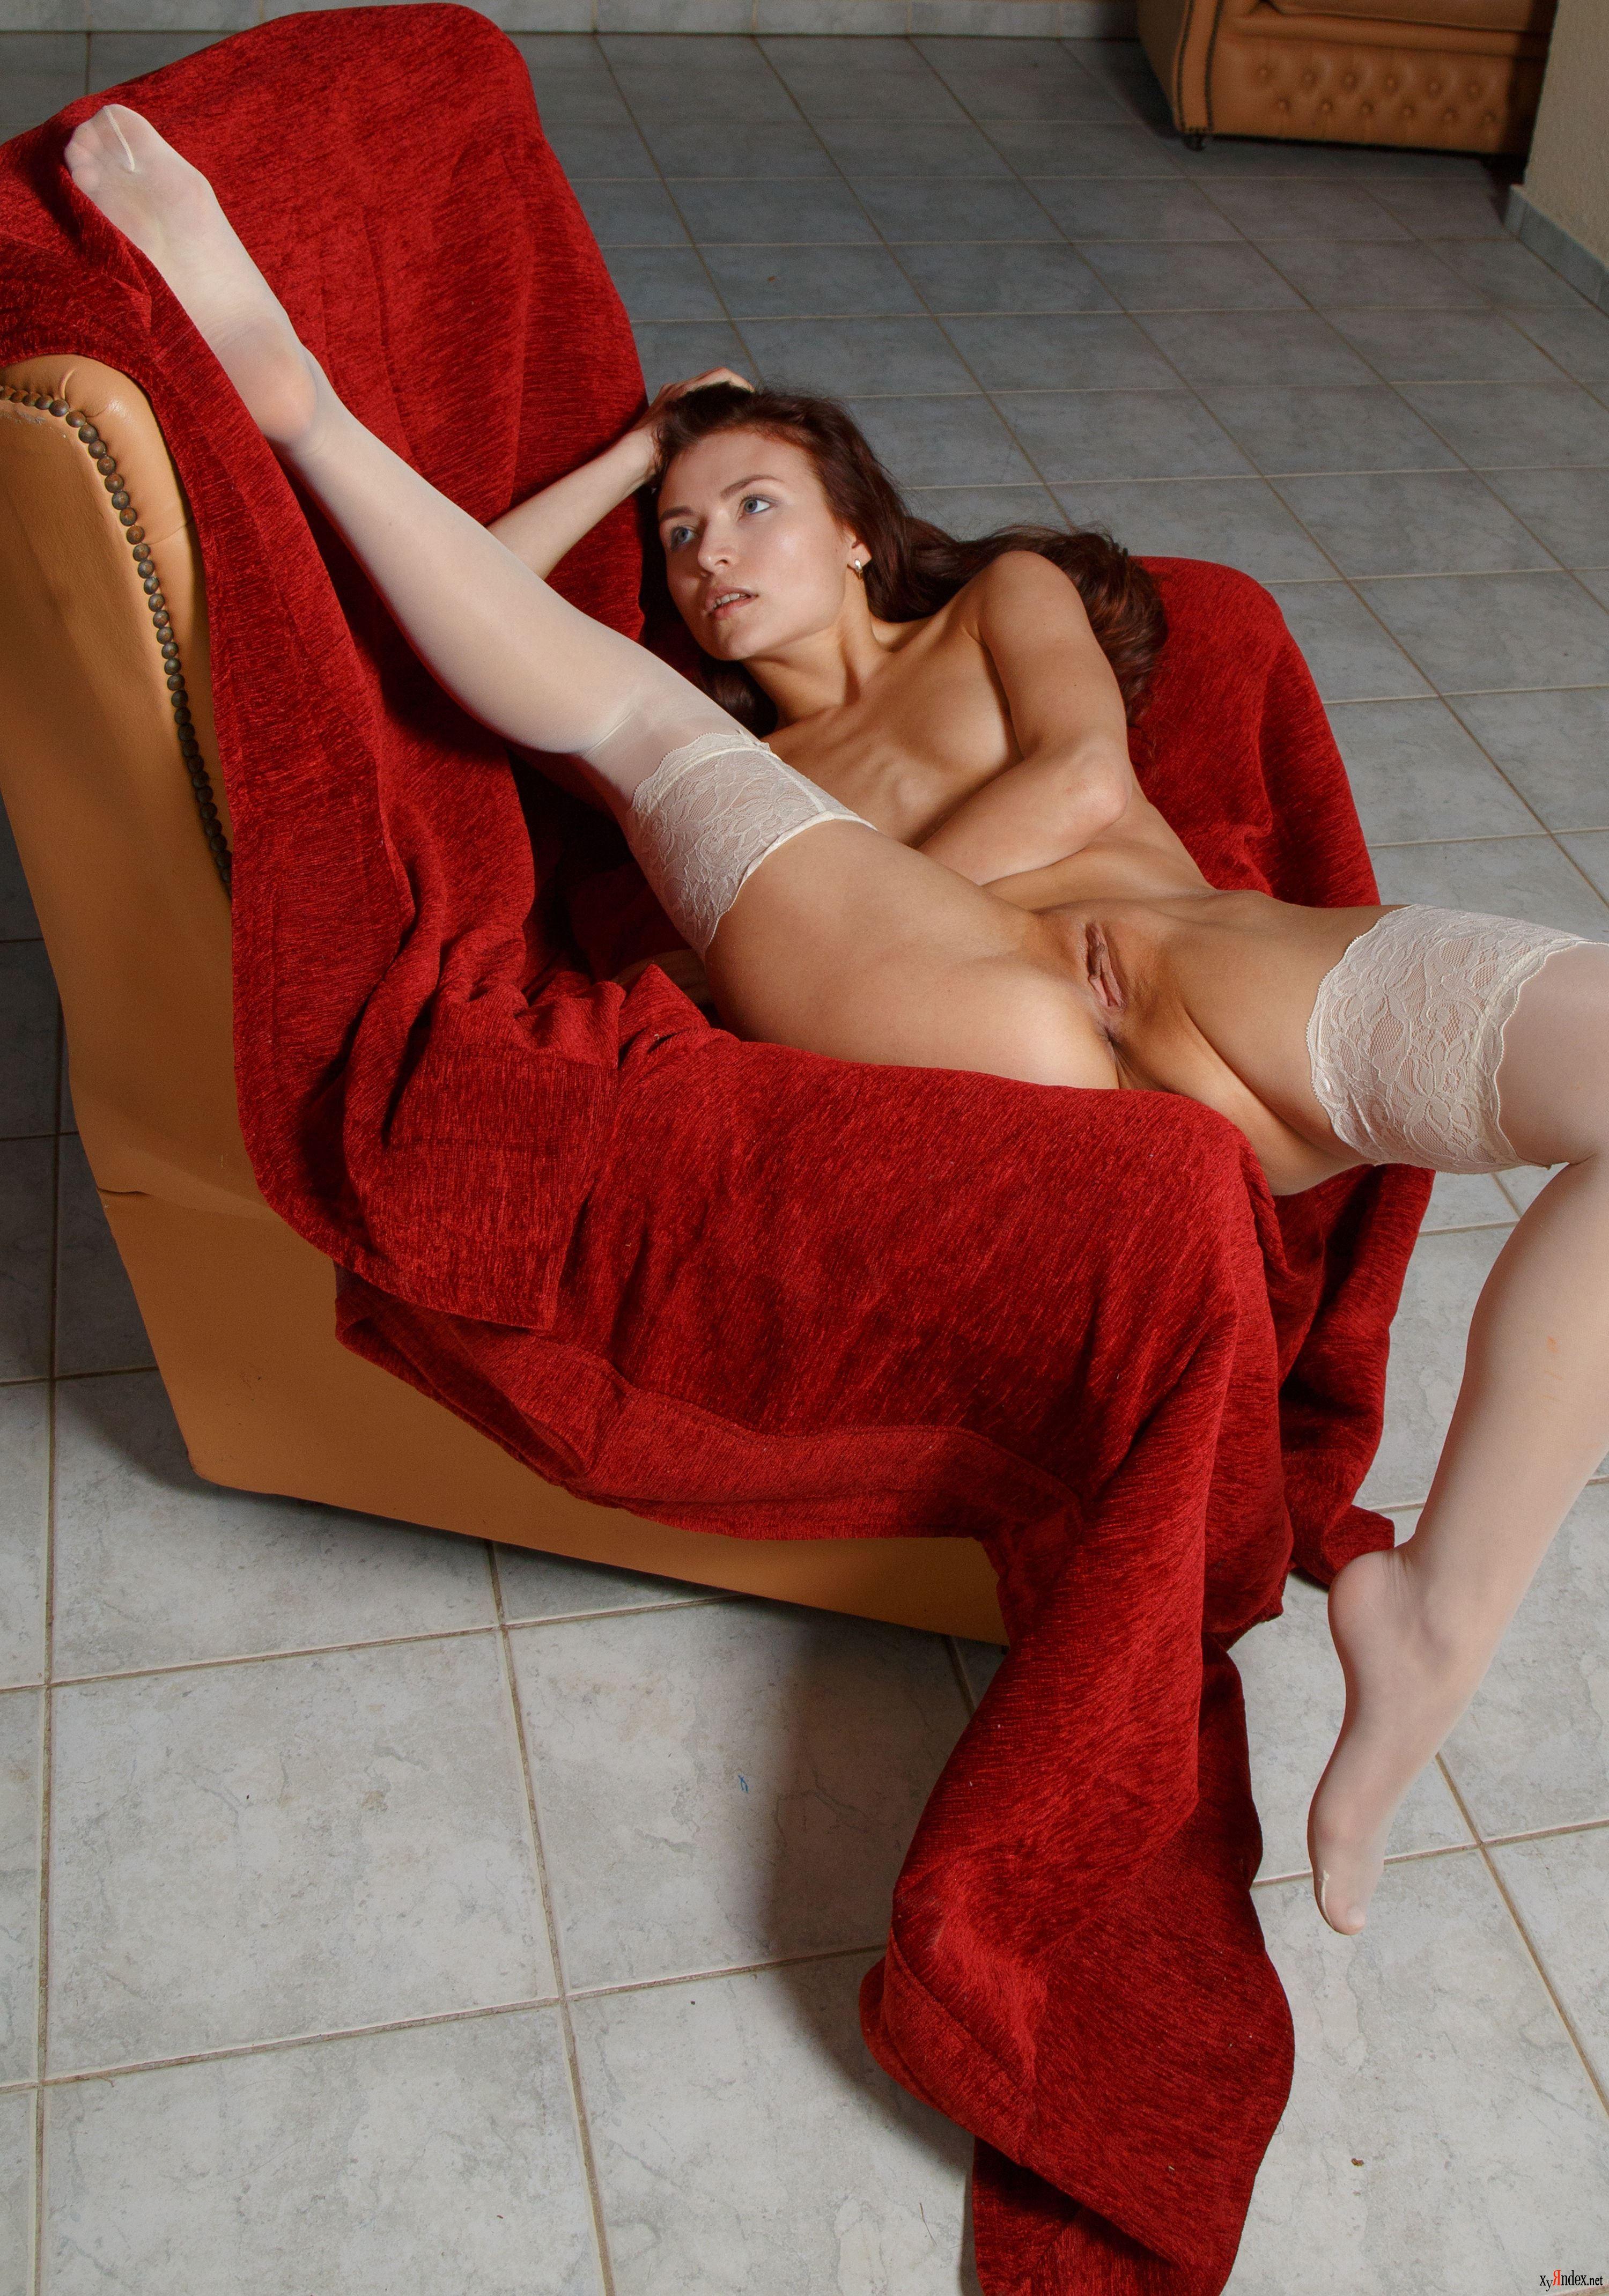 Berenice bejo nude